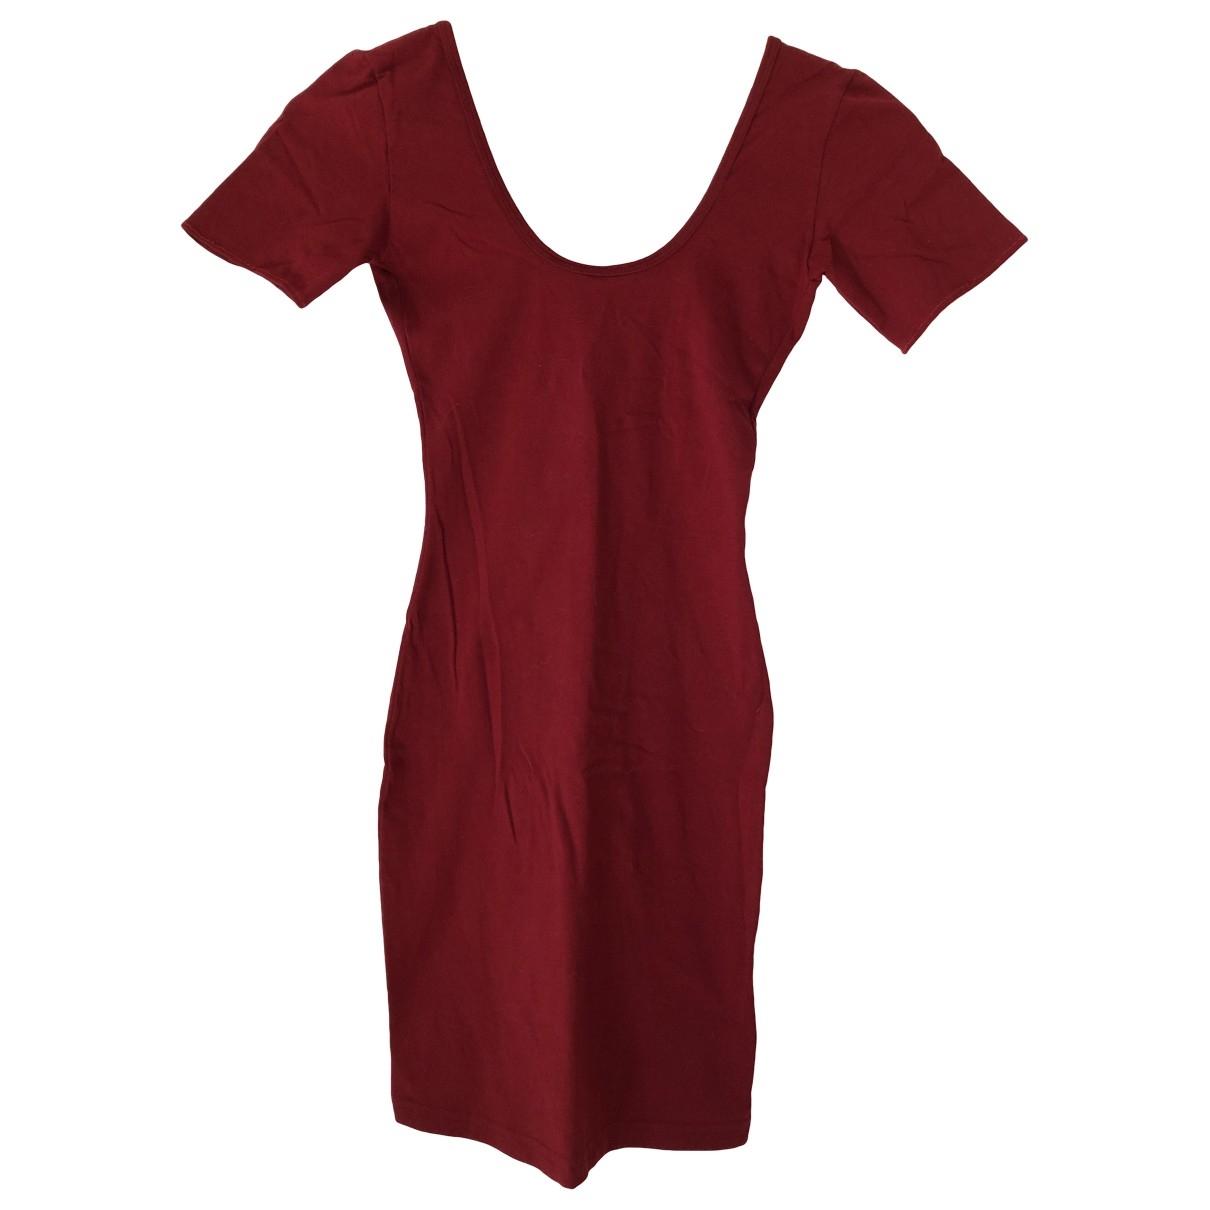 American Apparel \N Kleid in  Bordeauxrot Baumwolle - Elasthan